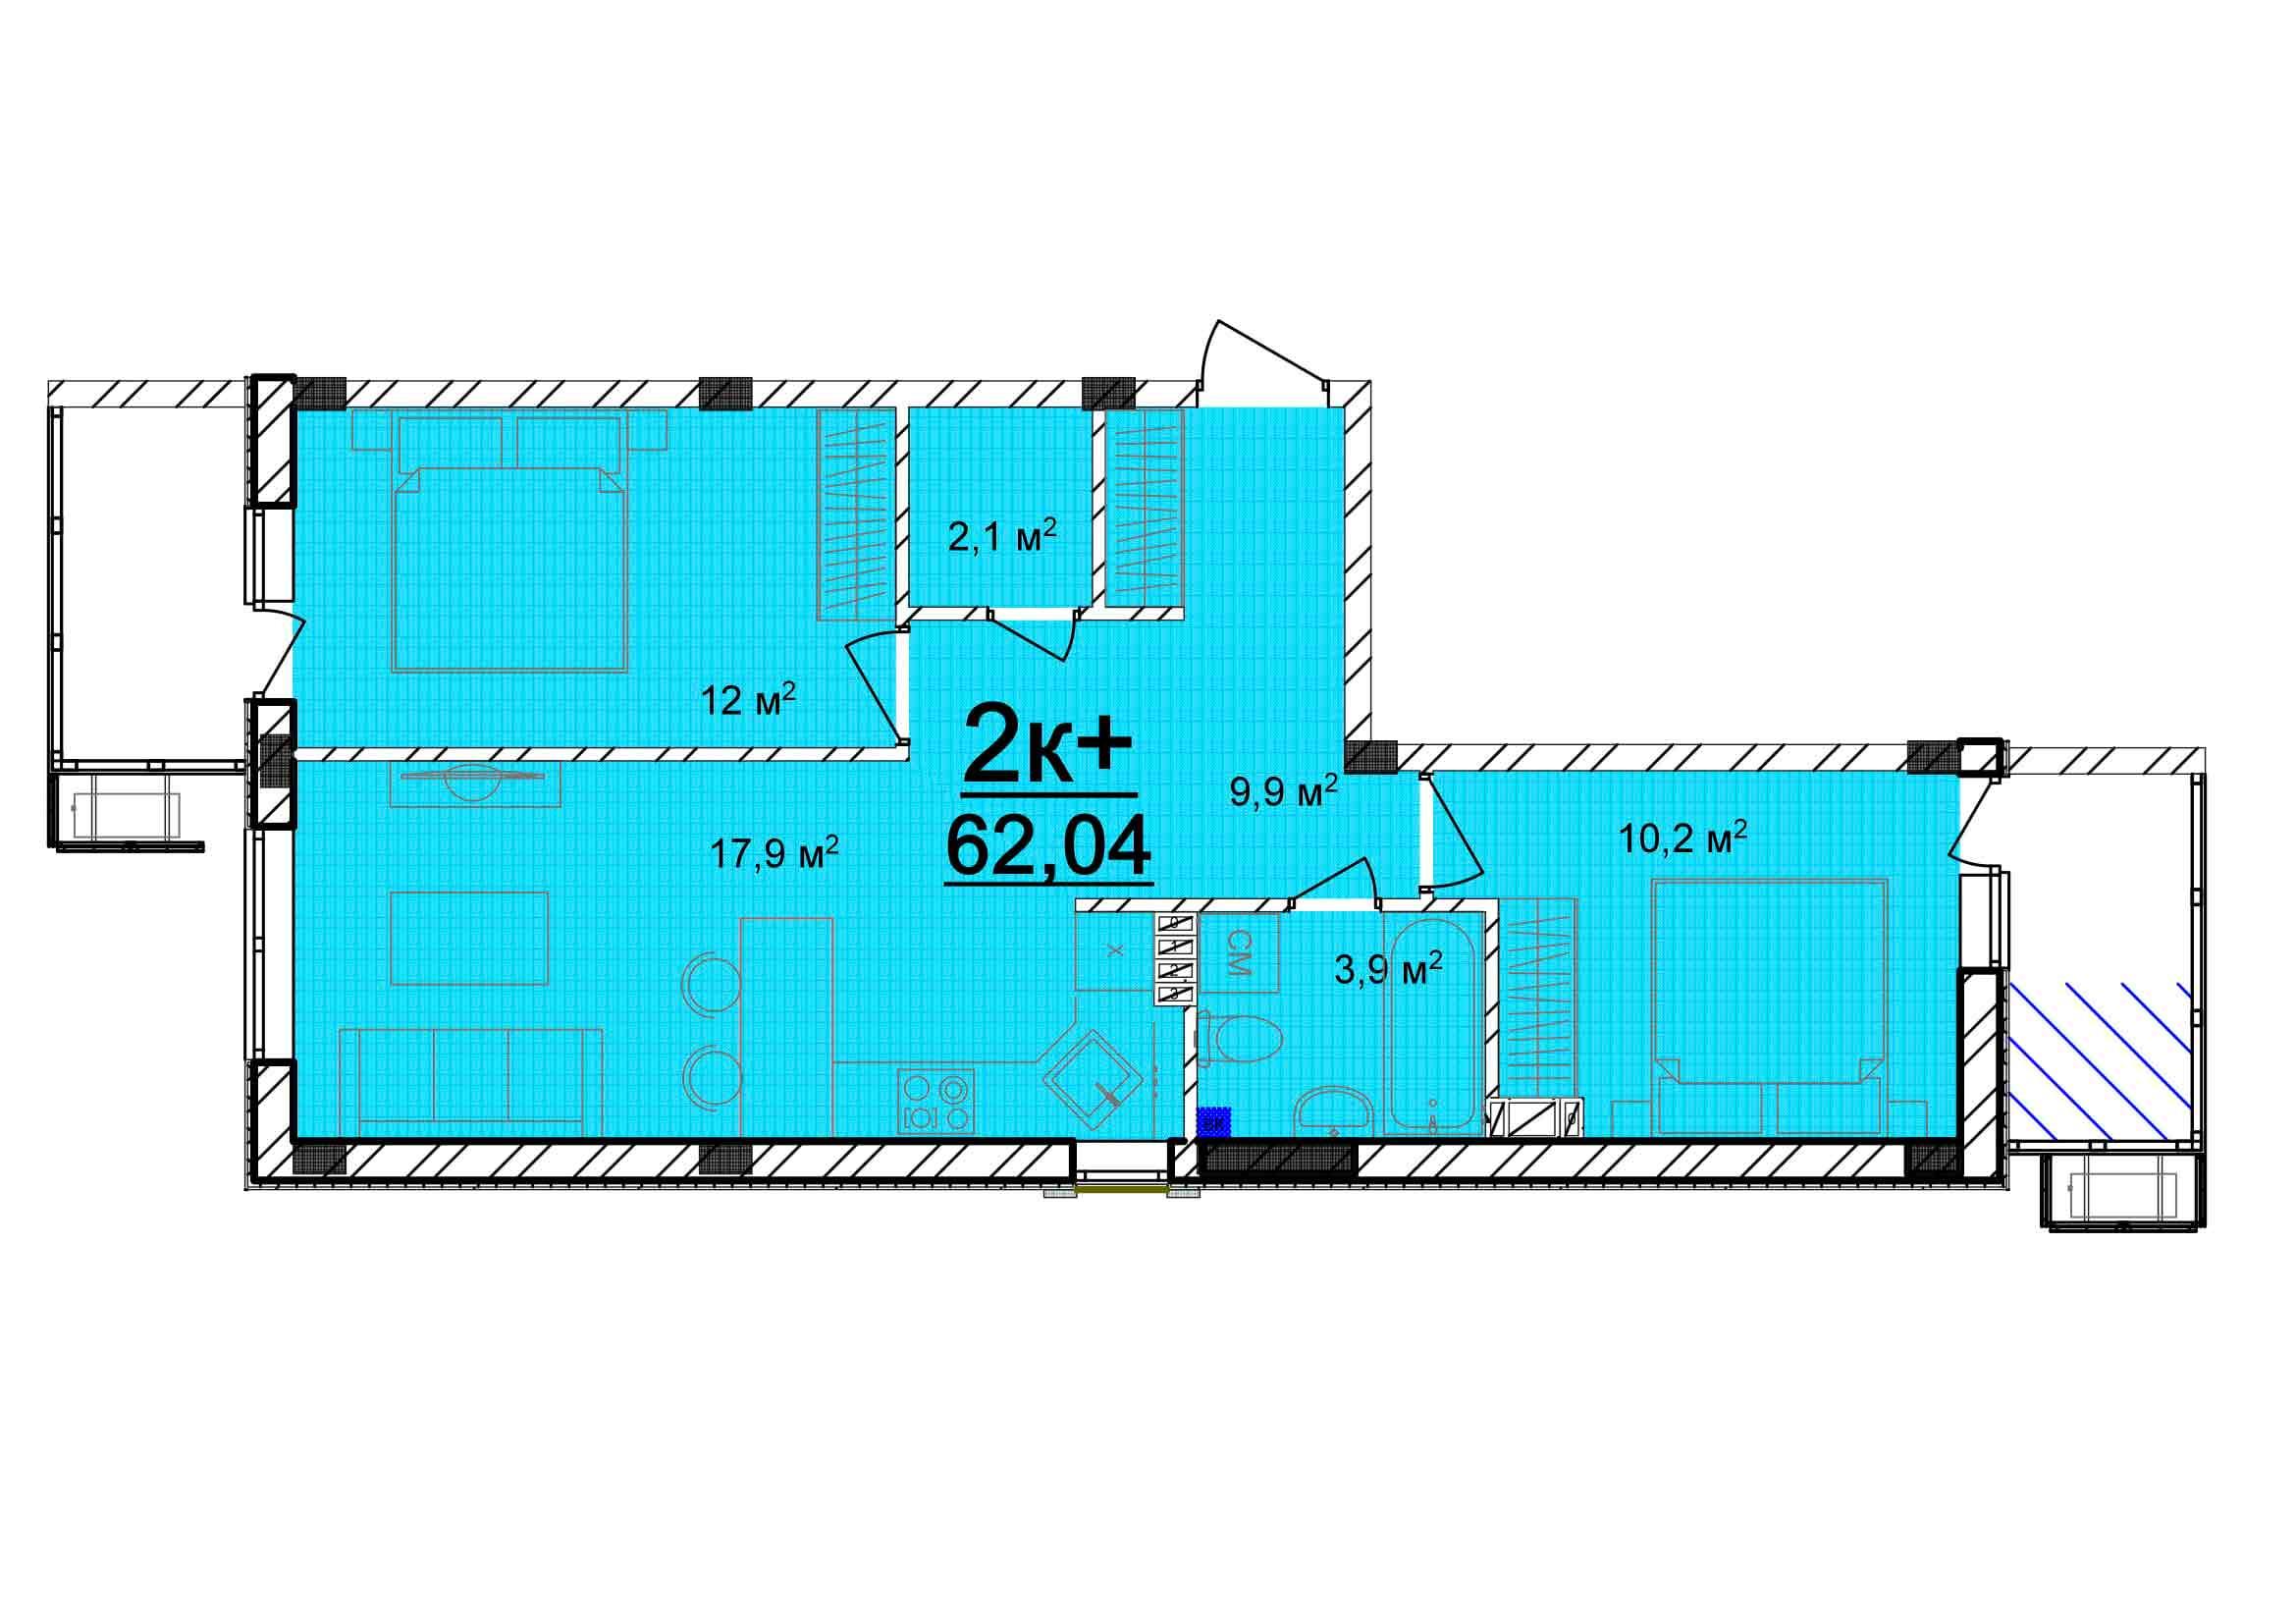 Двухкомнатная - ЖК Мариинский$24816Площадь:62.04m²